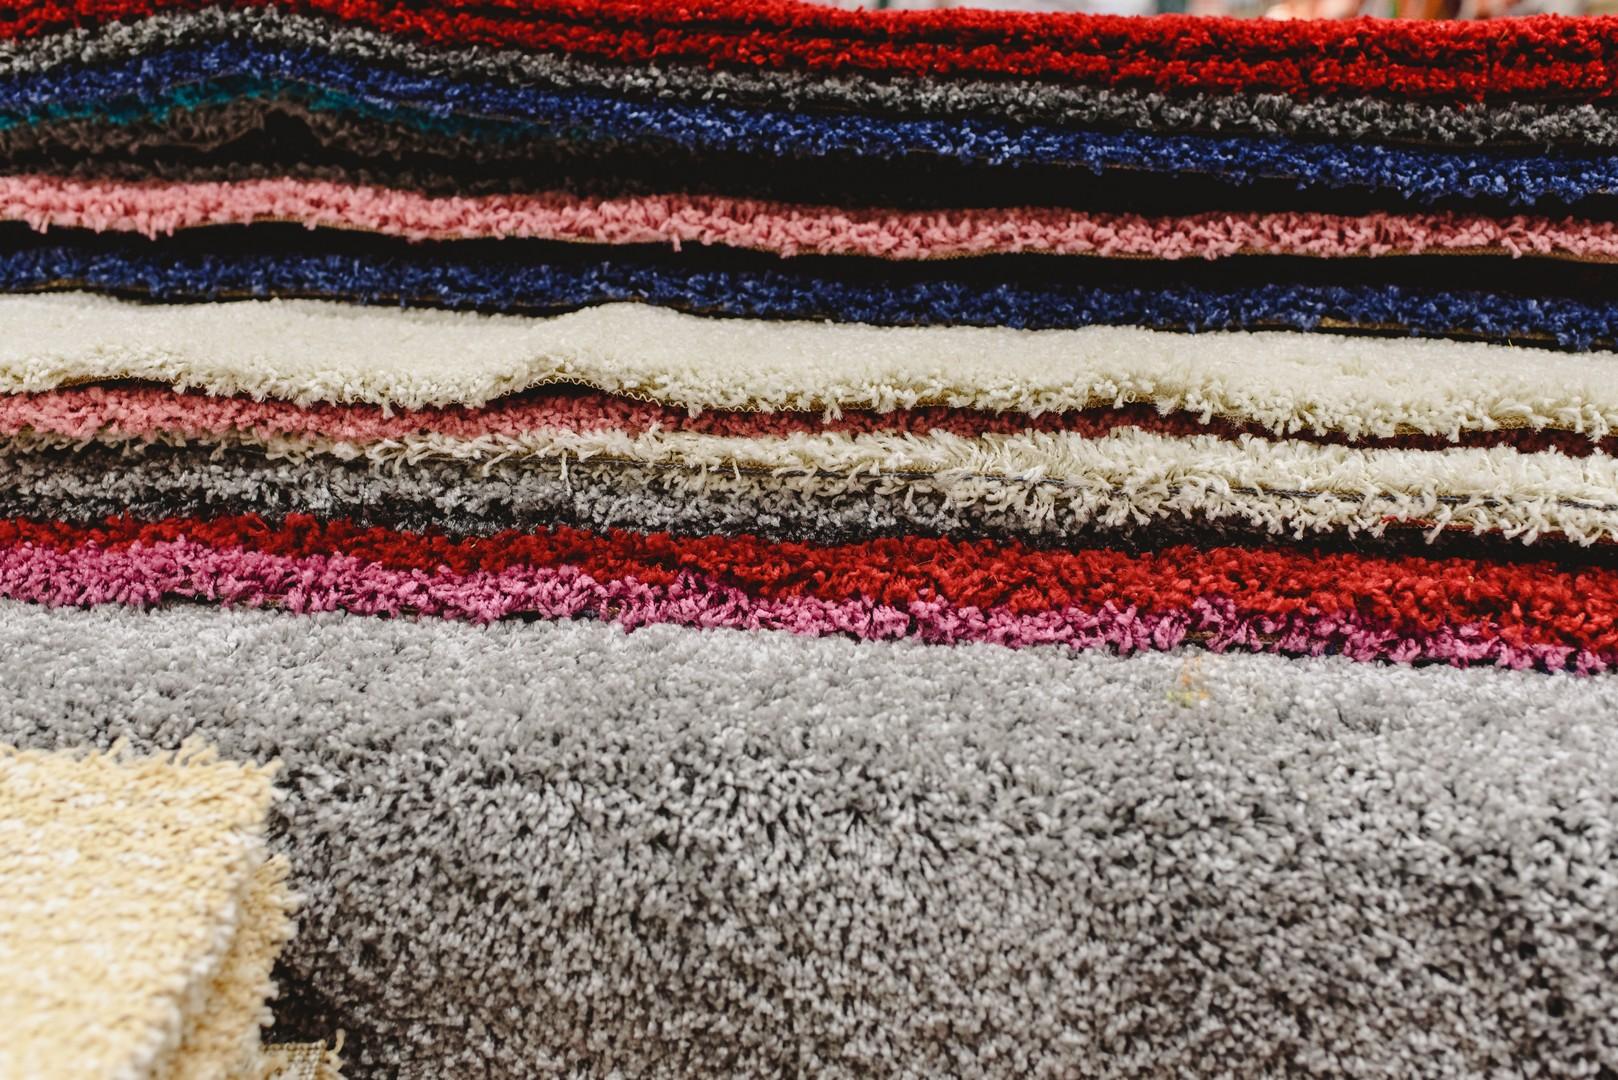 Pielęgnacja dywanów,Dywan Shaggy – krótkie wprowadzenie,Pranie dywanów: Dywan Shaggy